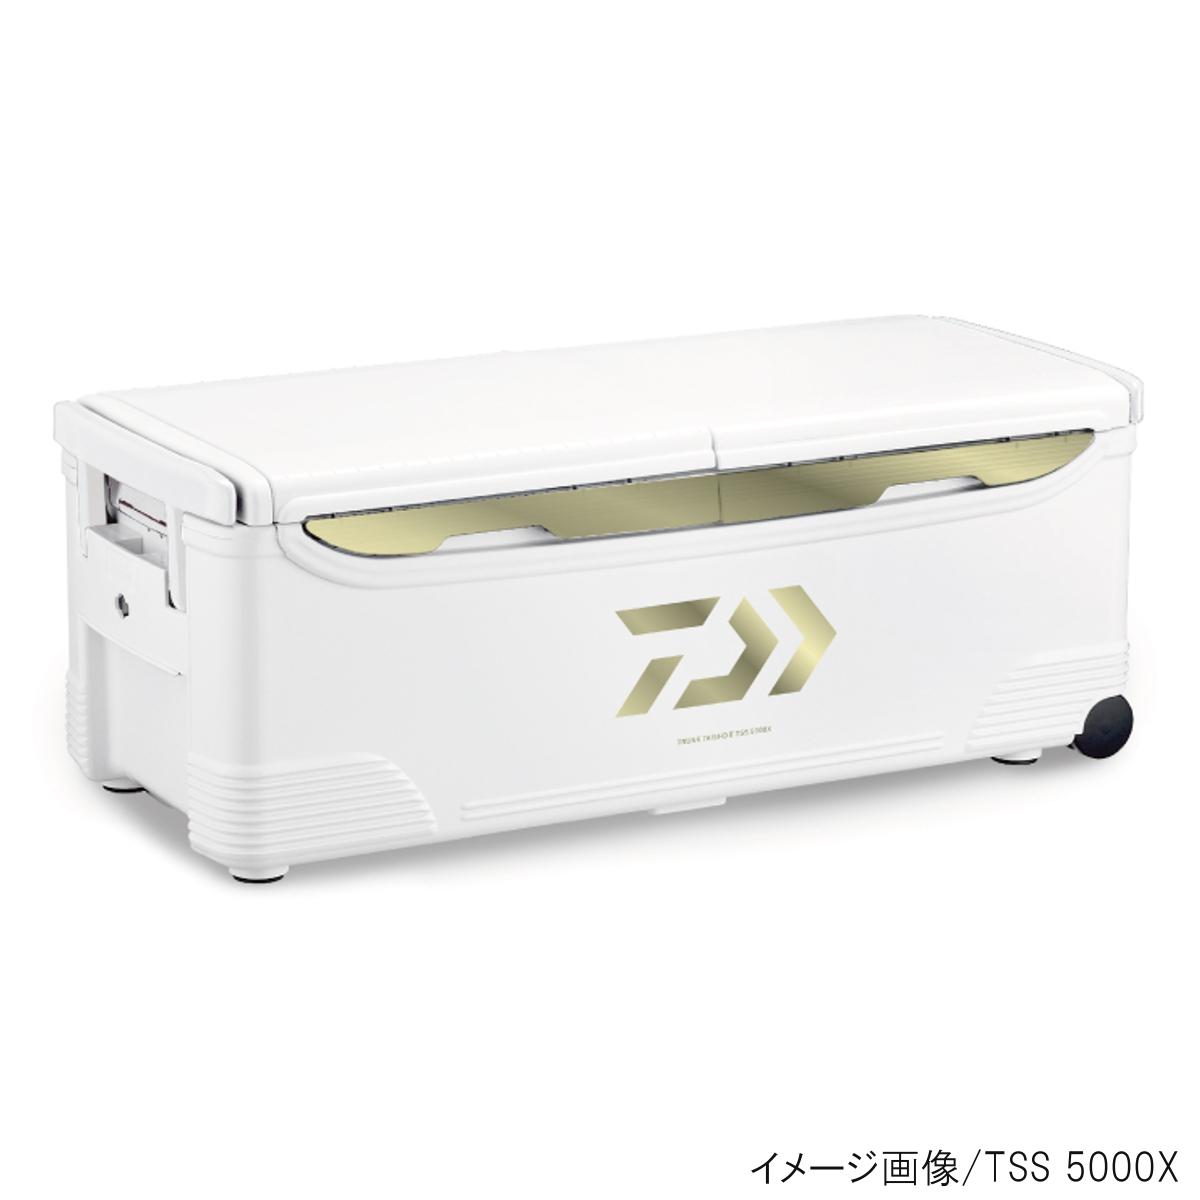 ダイワ トランク大将 II TSS 4000X シャンパンゴールド クーラーボックス(東日本店)【同梱不可】